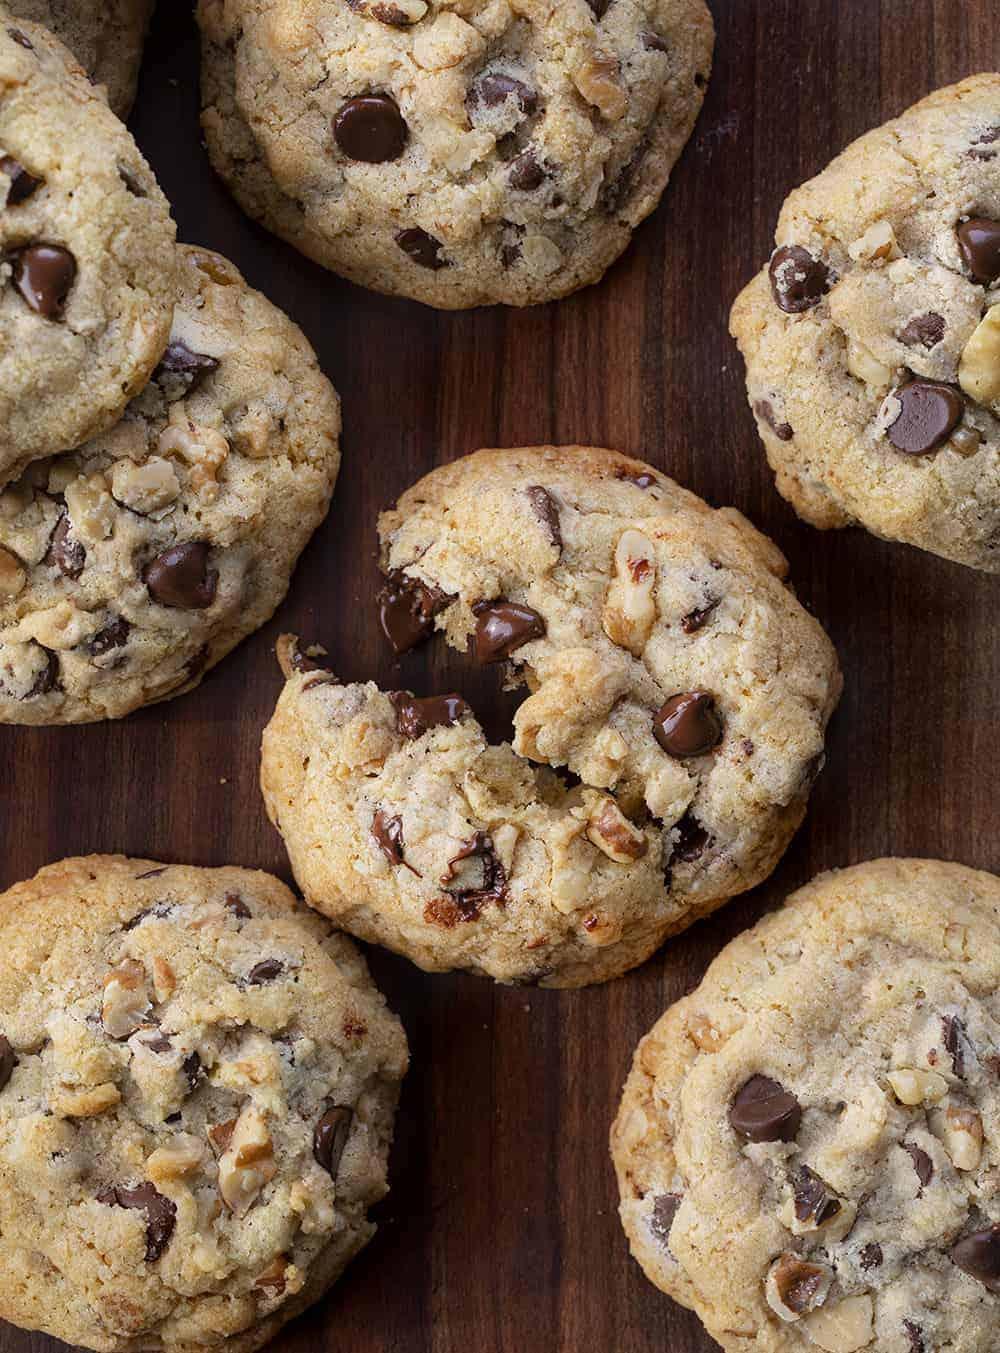 Broken Walnut Chocolate Chip Cookies - Doubletree Copycat Cookie from Overhead